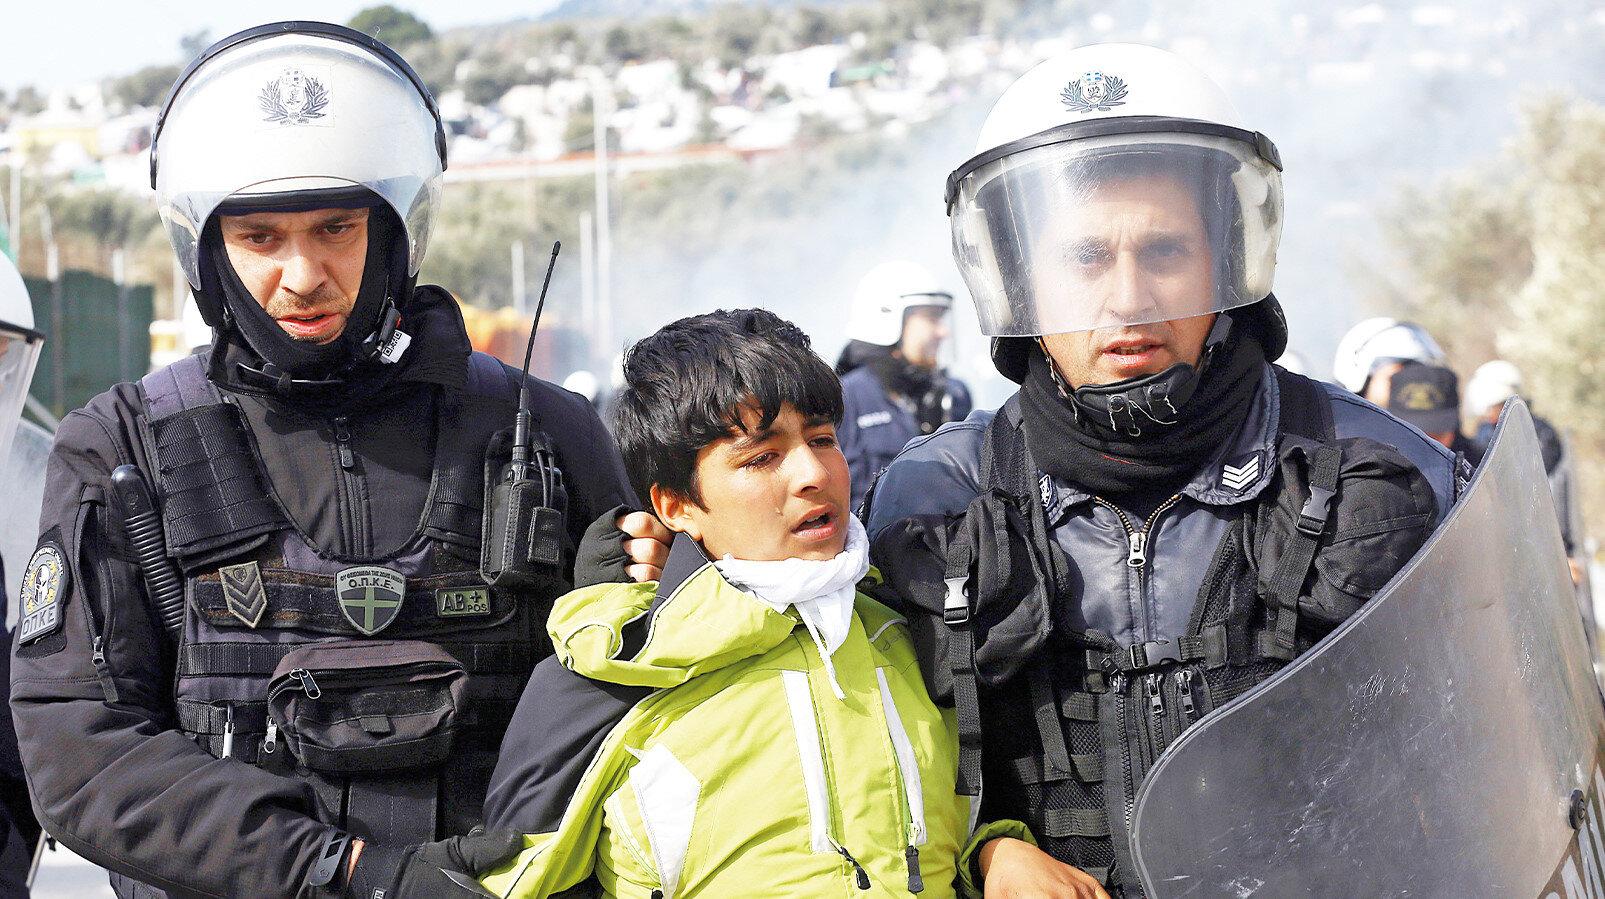 Yunanlar yerde darp ettikleri göçmen çocuğu daha sonra gözaltına aldı.